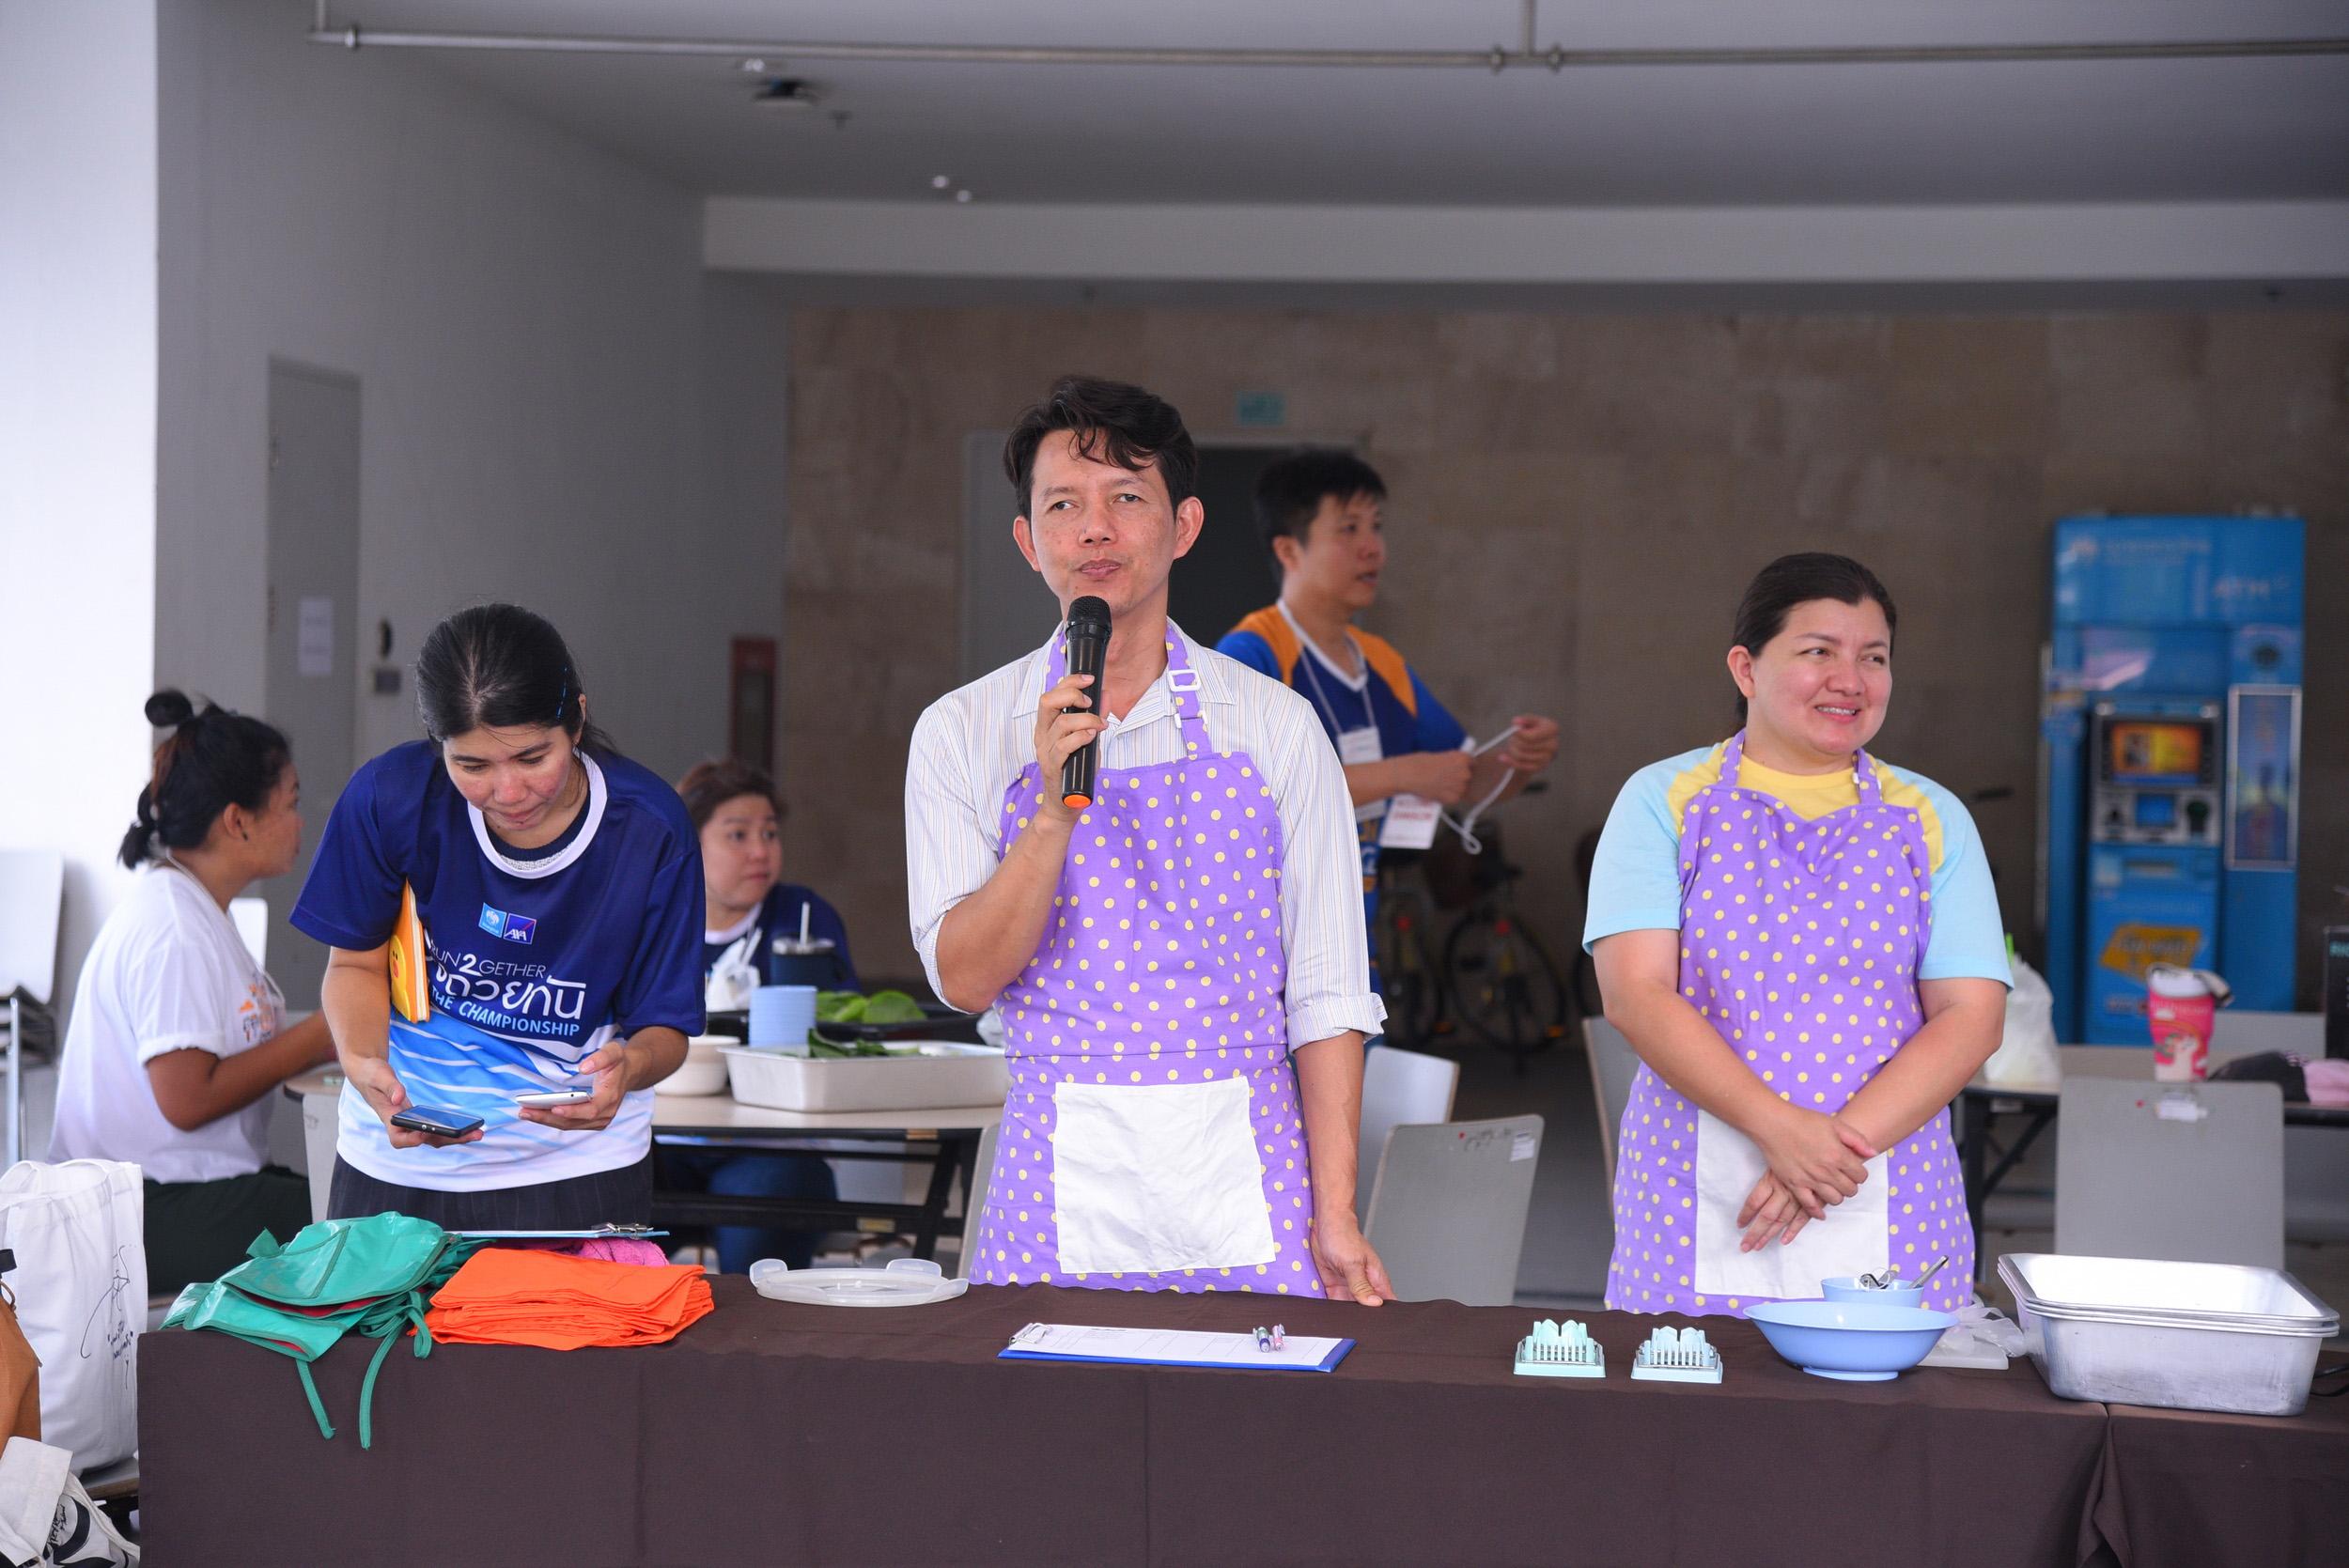 เข้าครัวด้วยกันจูเนียร์